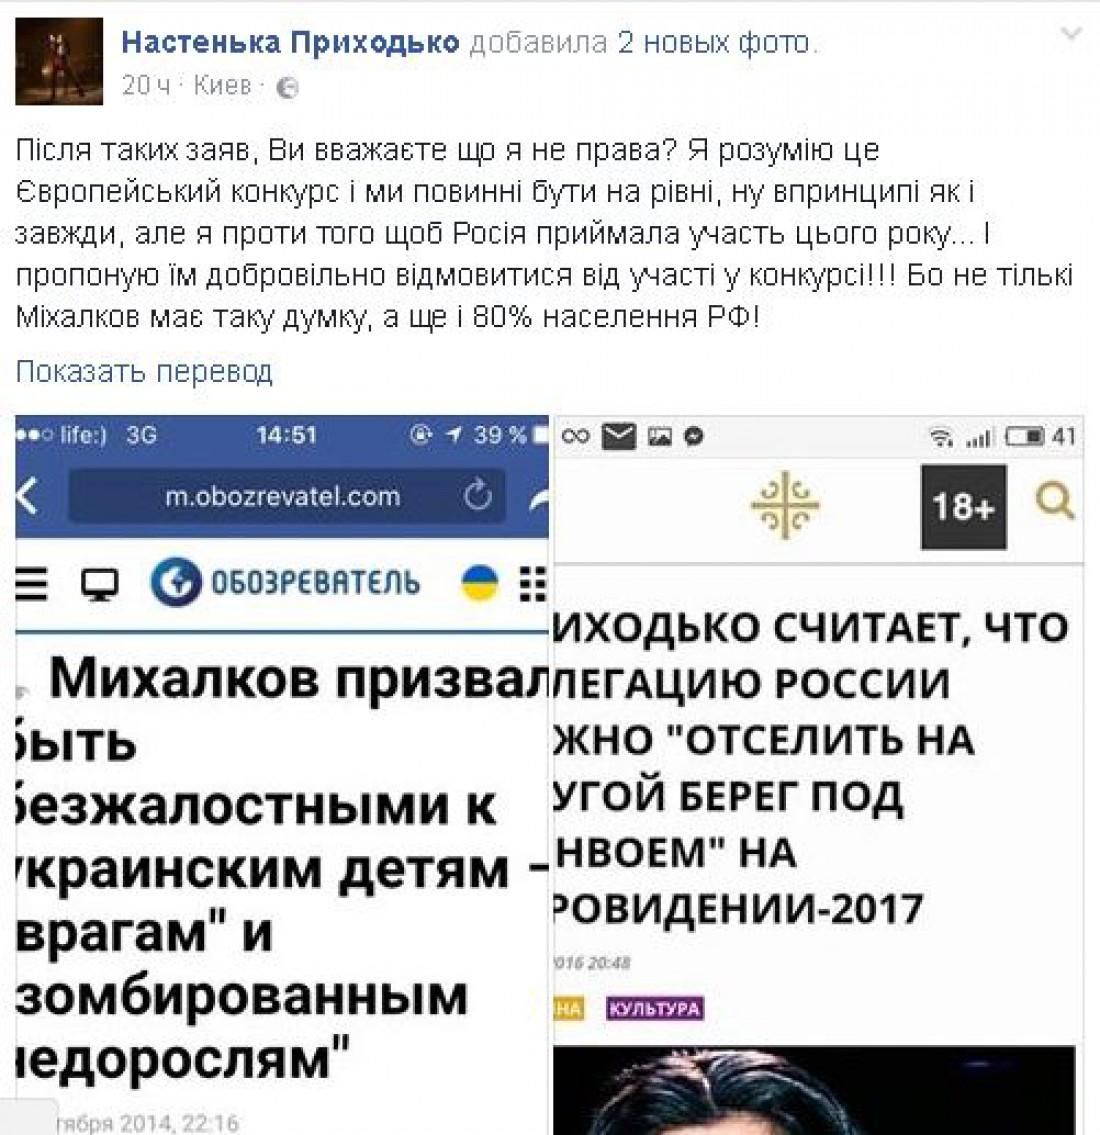 Скриншот со страницы Анастасии Приходько в Facebook